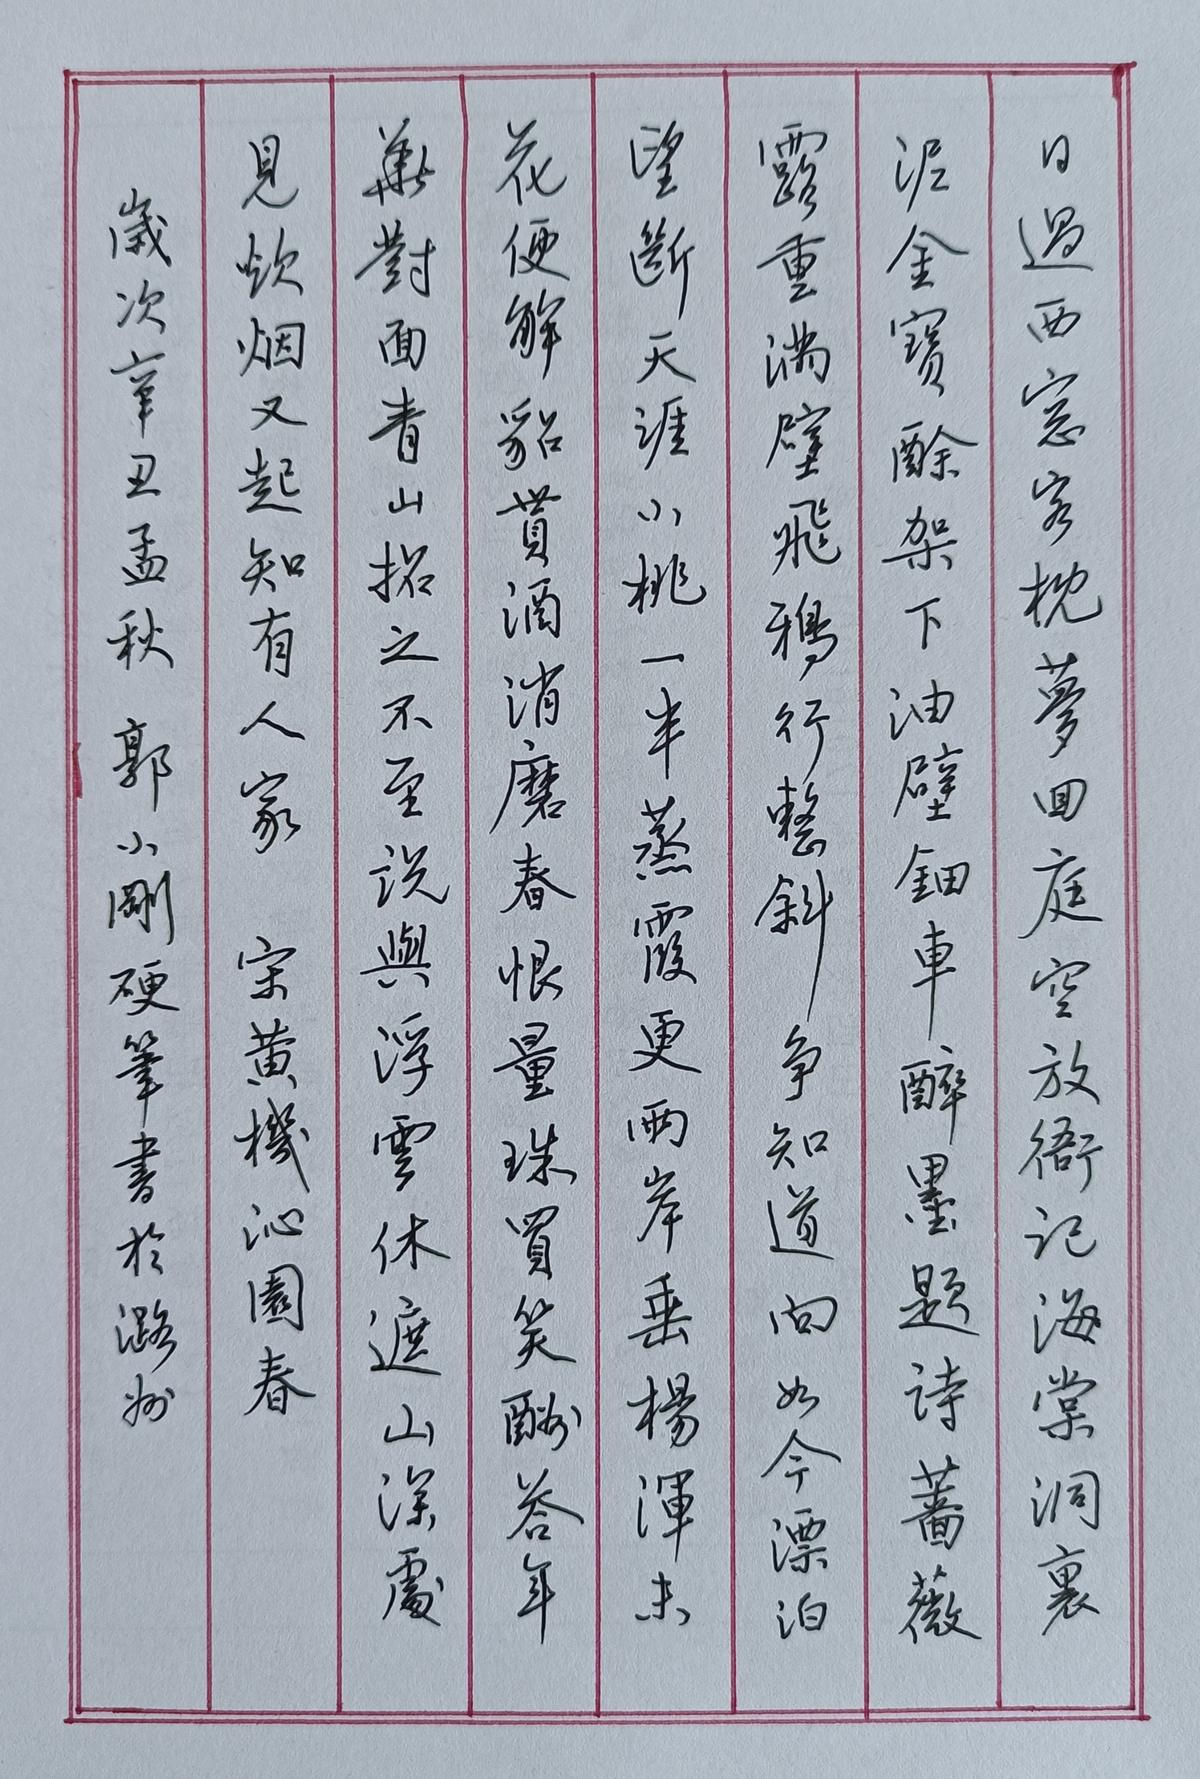 蔡师点评:黄机《沁园春》钢笔字练字打卡作业欣赏02